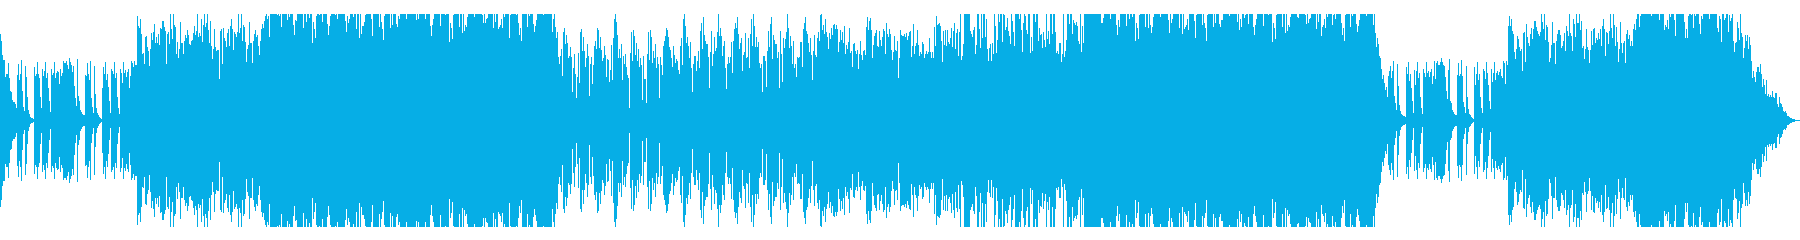 鼓舞されるような勢いのあるドラムBGMの再生済みの波形